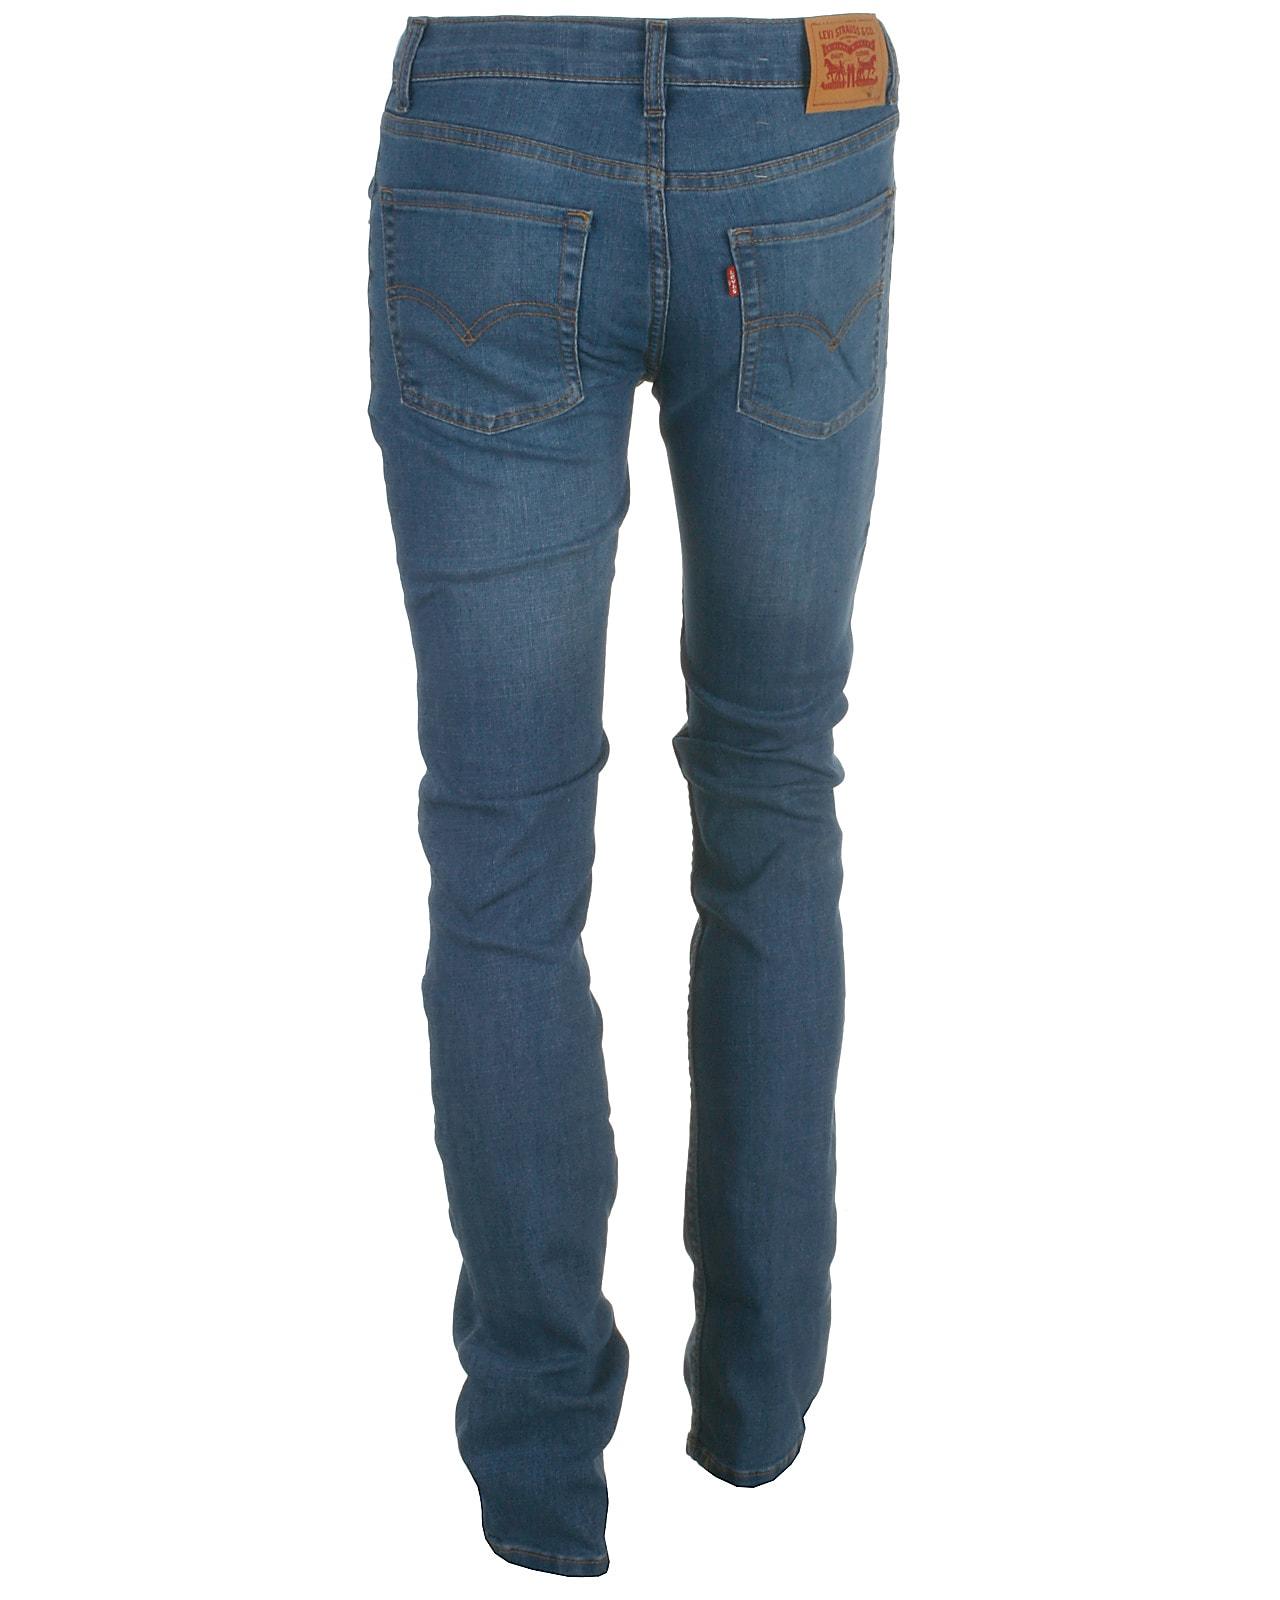 Image of Levis 510 jeans, Jean, lowdown